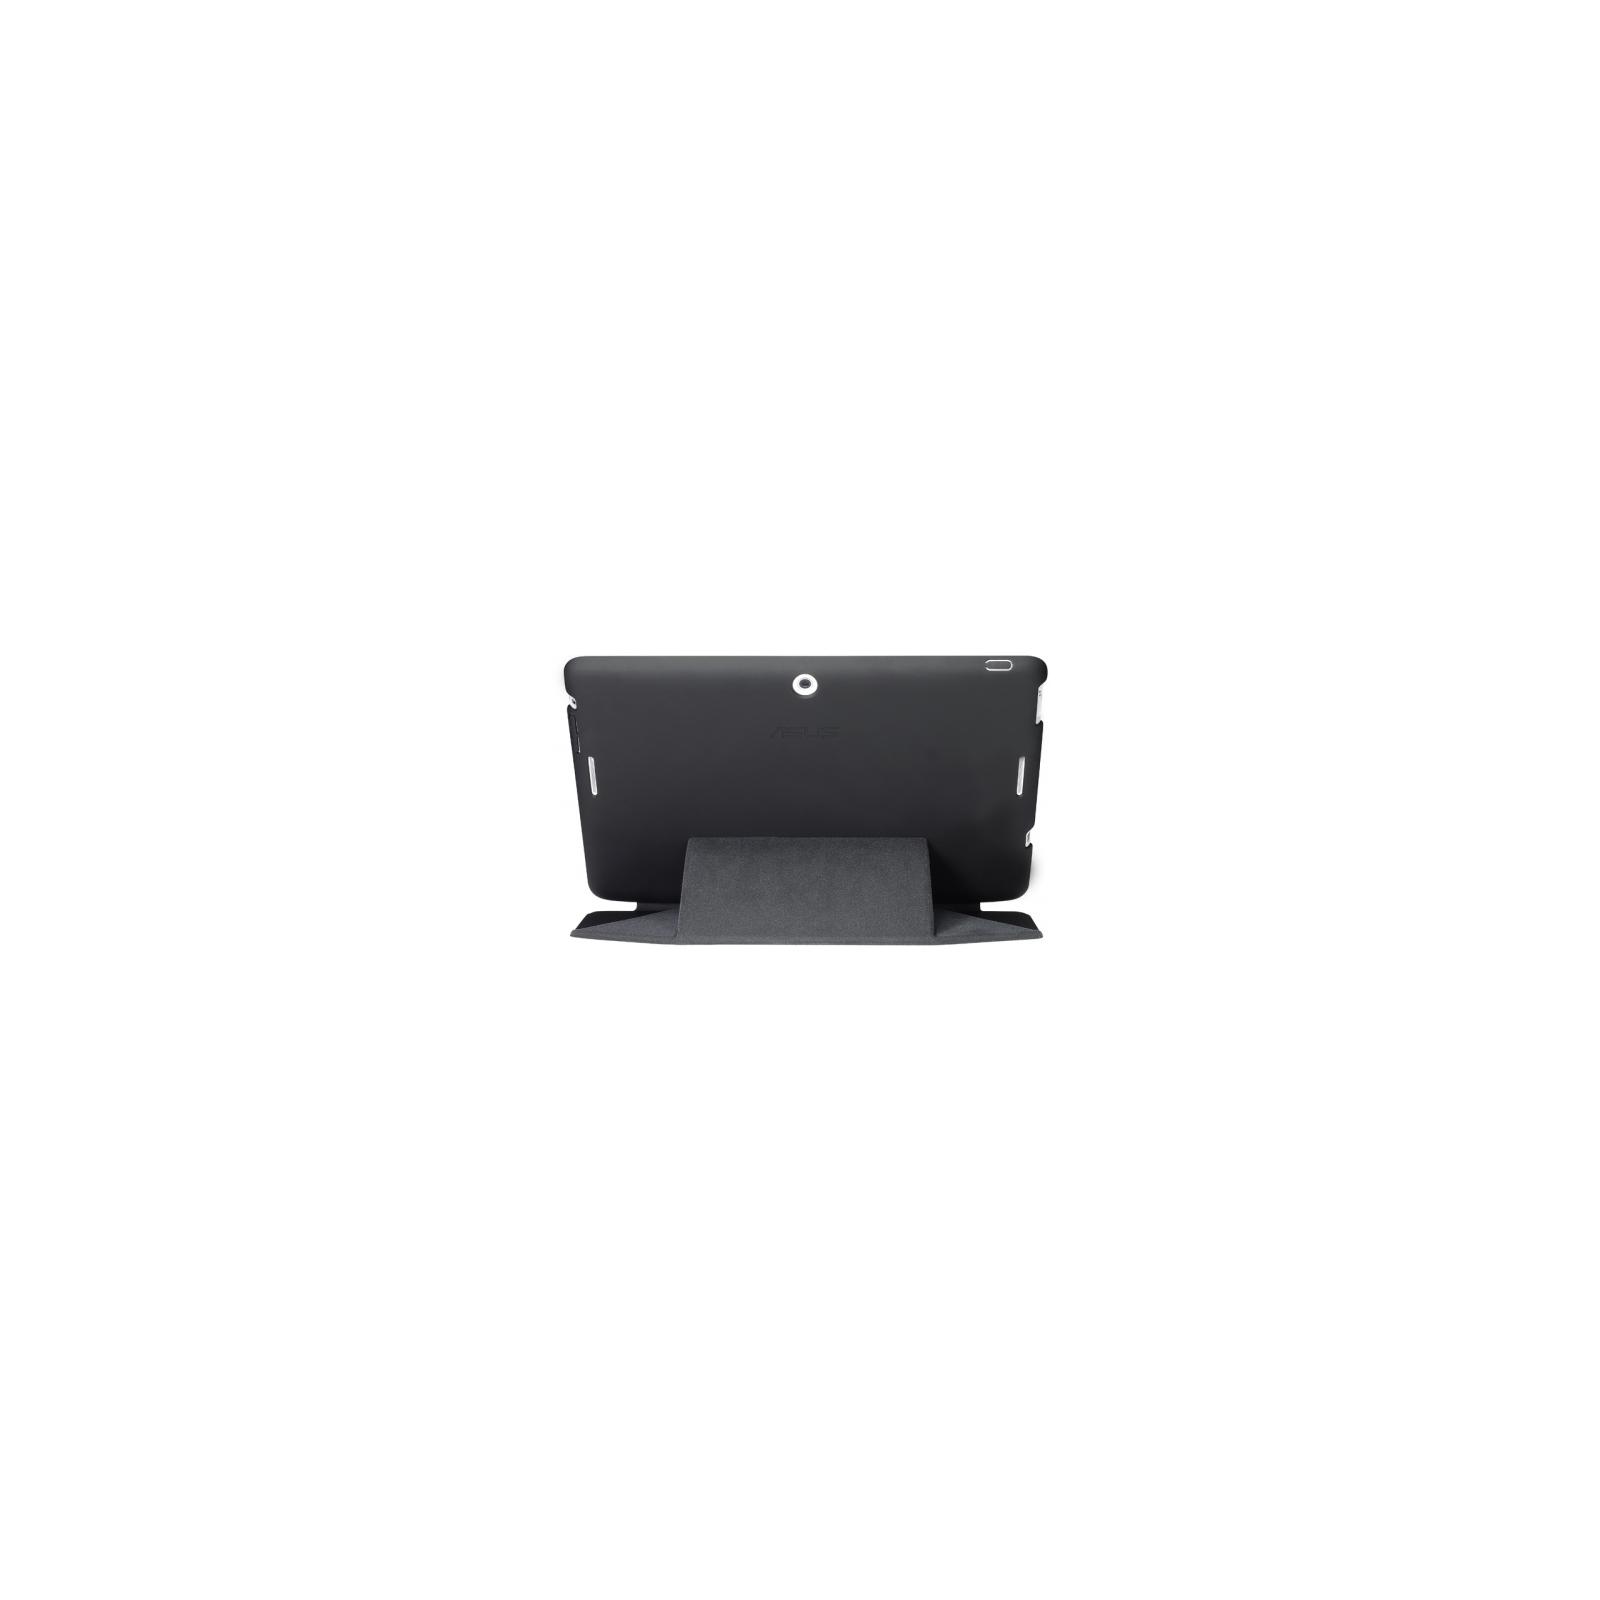 Чехол для планшета ASUS 10.1 ME302C TRANSCOVER/BK (90XB00GP-BSL0Q0) изображение 2